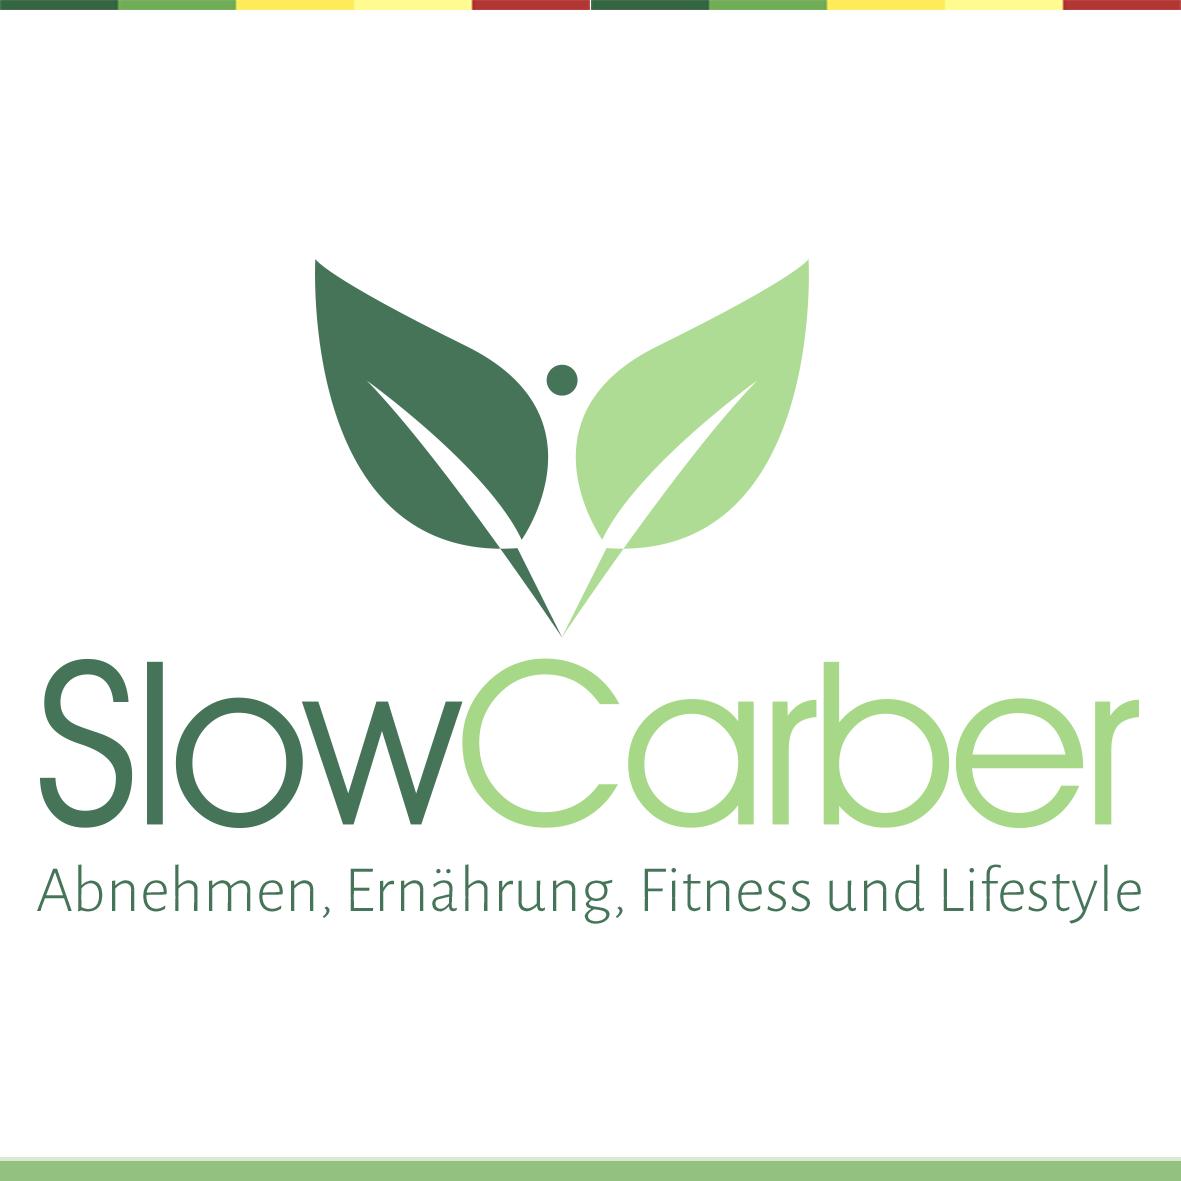 SlowCarber